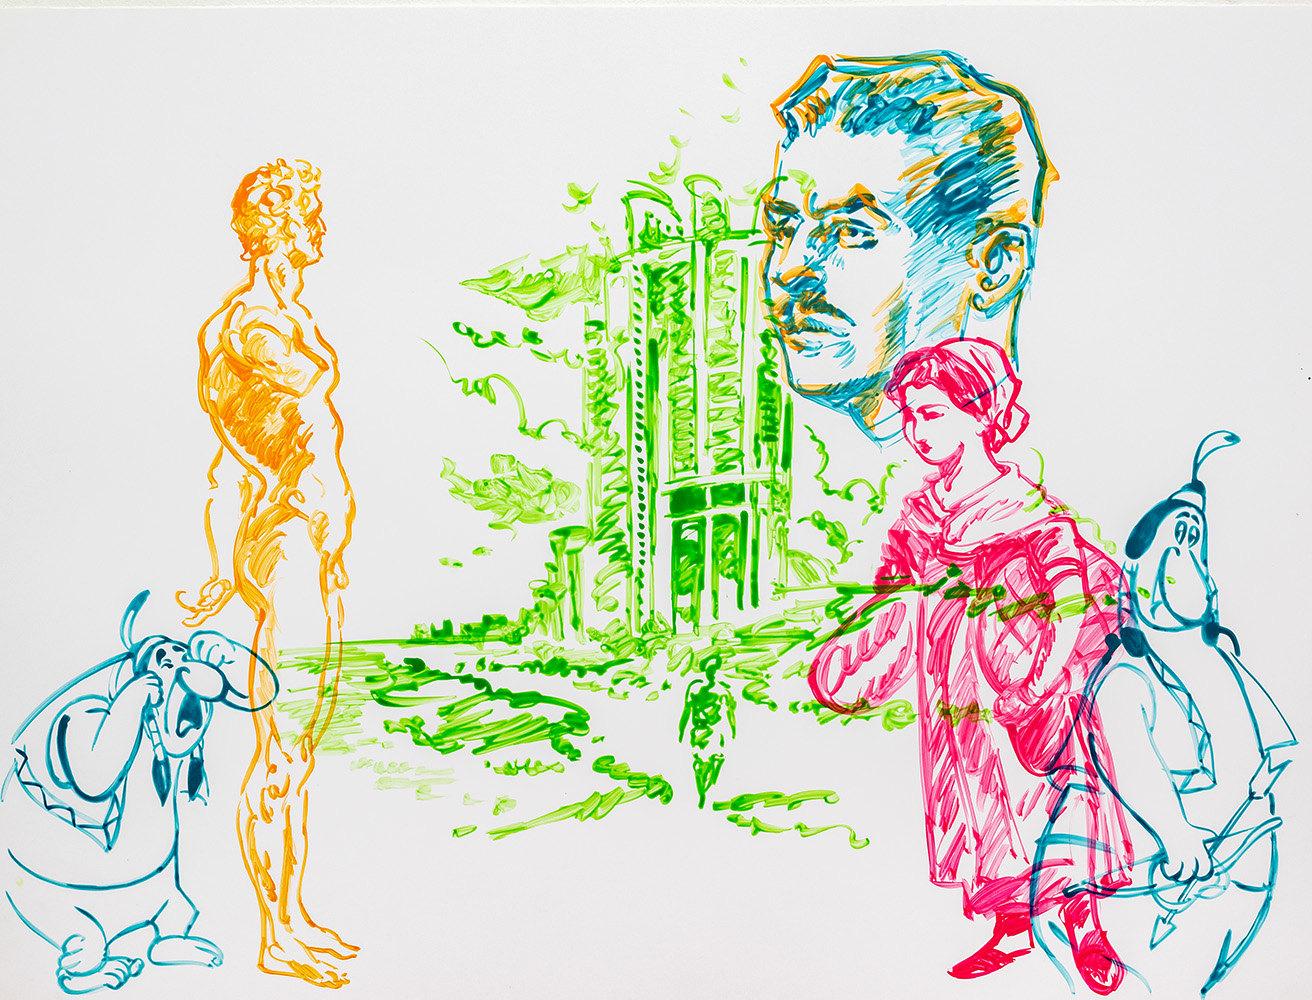 Obra de César Gabler, exposición en desarrollo Papel Bond © 2020 Cortesía de MAVI y LADOSUR Comunicaciones